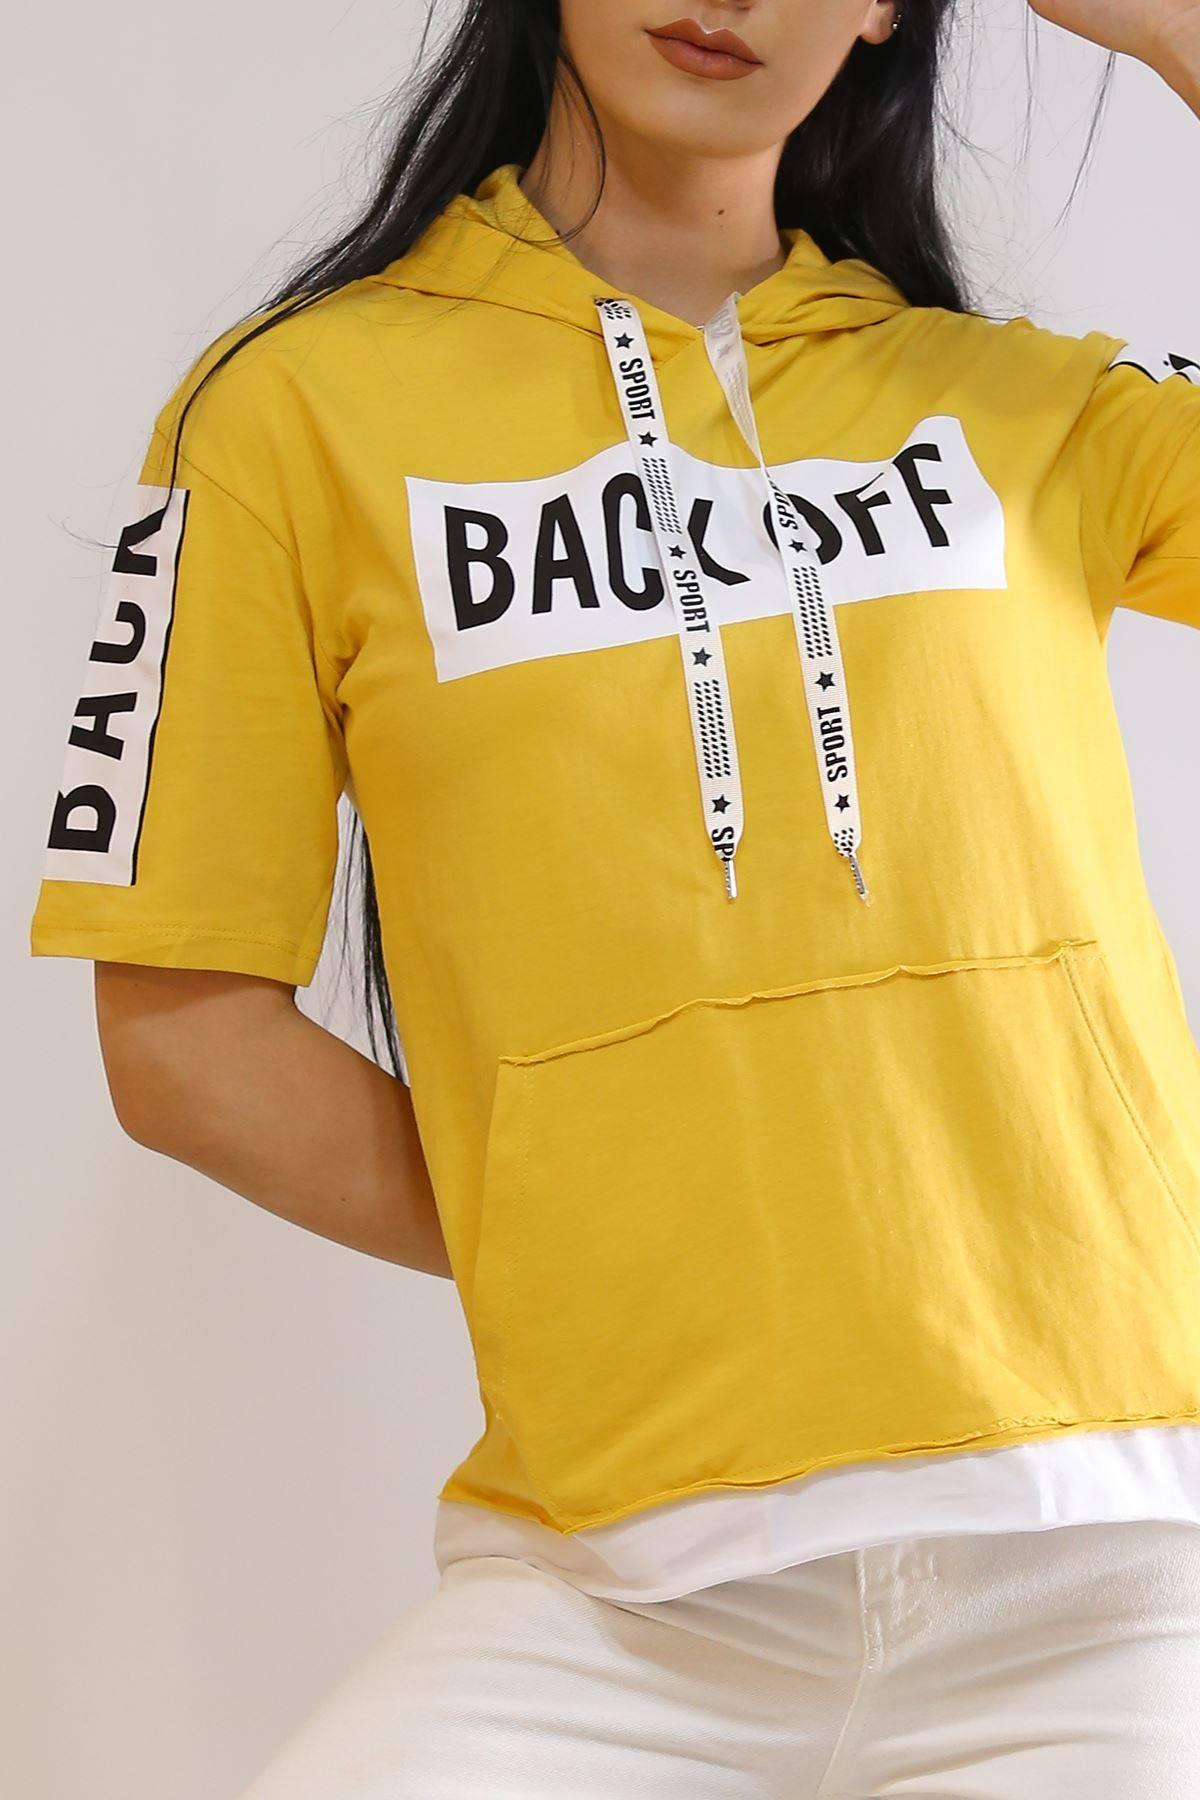 Back Off Baskılı Tişört Hardal - 2806.196.